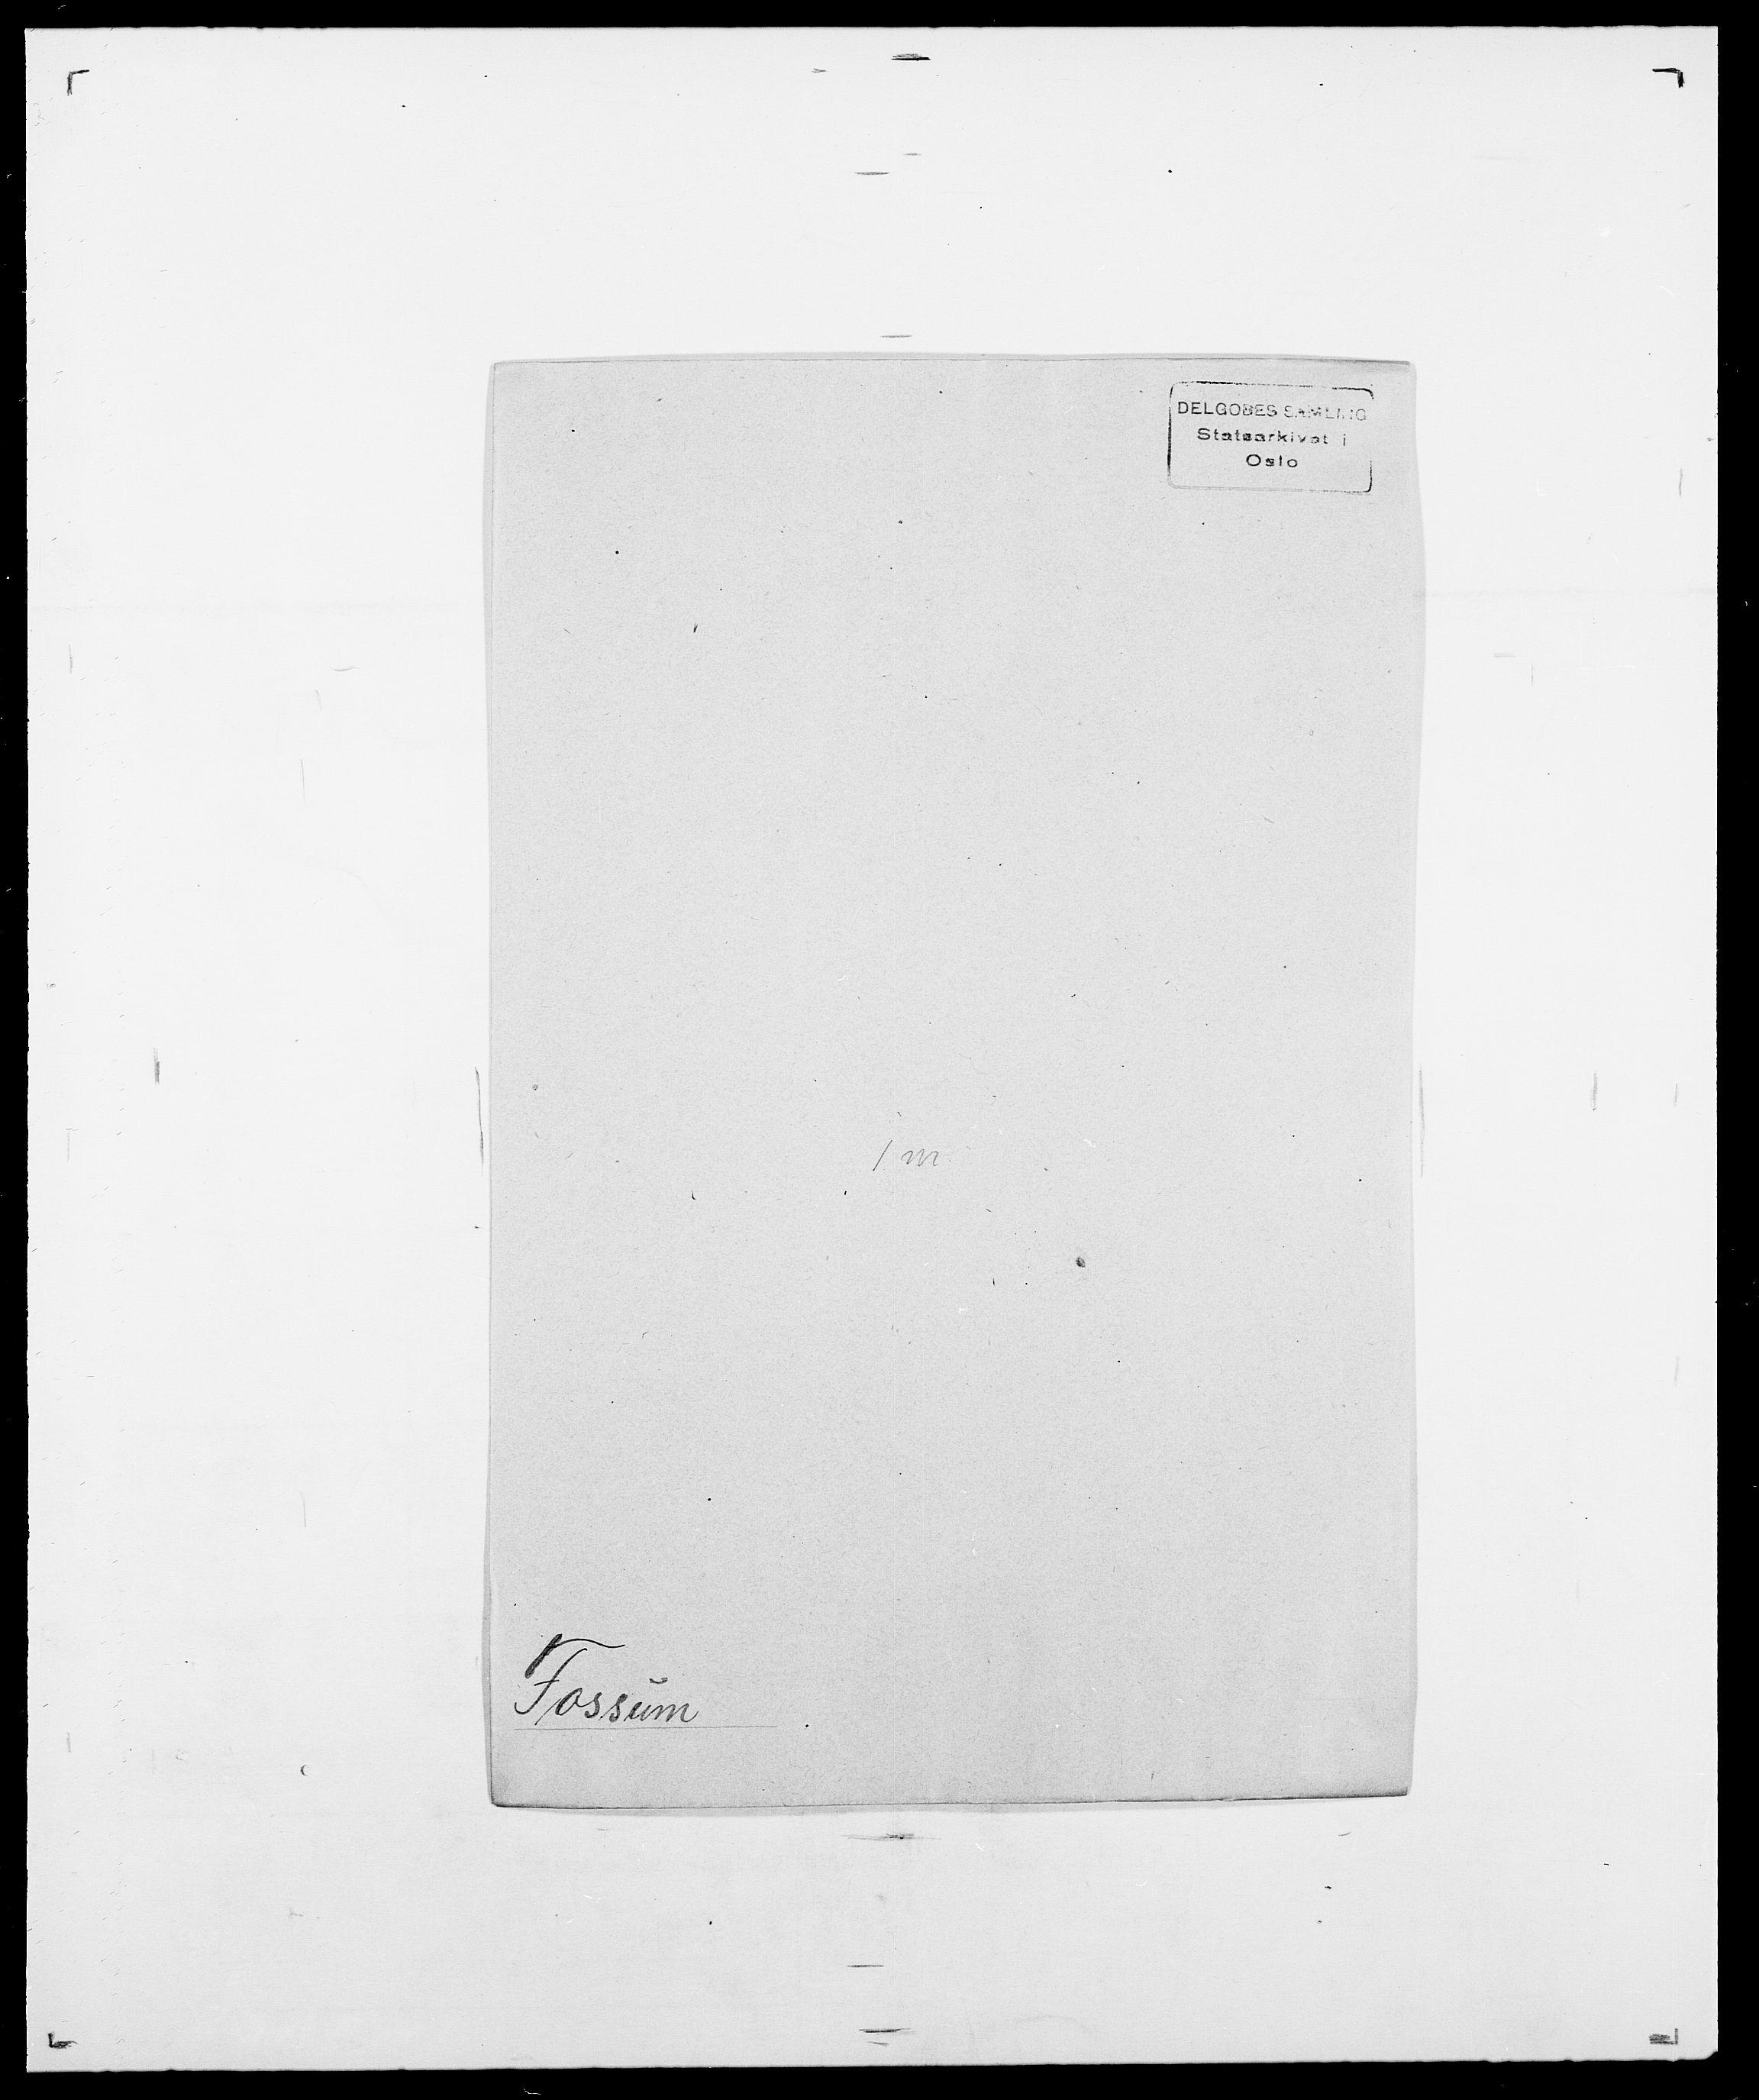 SAO, Delgobe, Charles Antoine - samling, D/Da/L0012: Flor, Floer, Flohr - Fritzner, s. 665